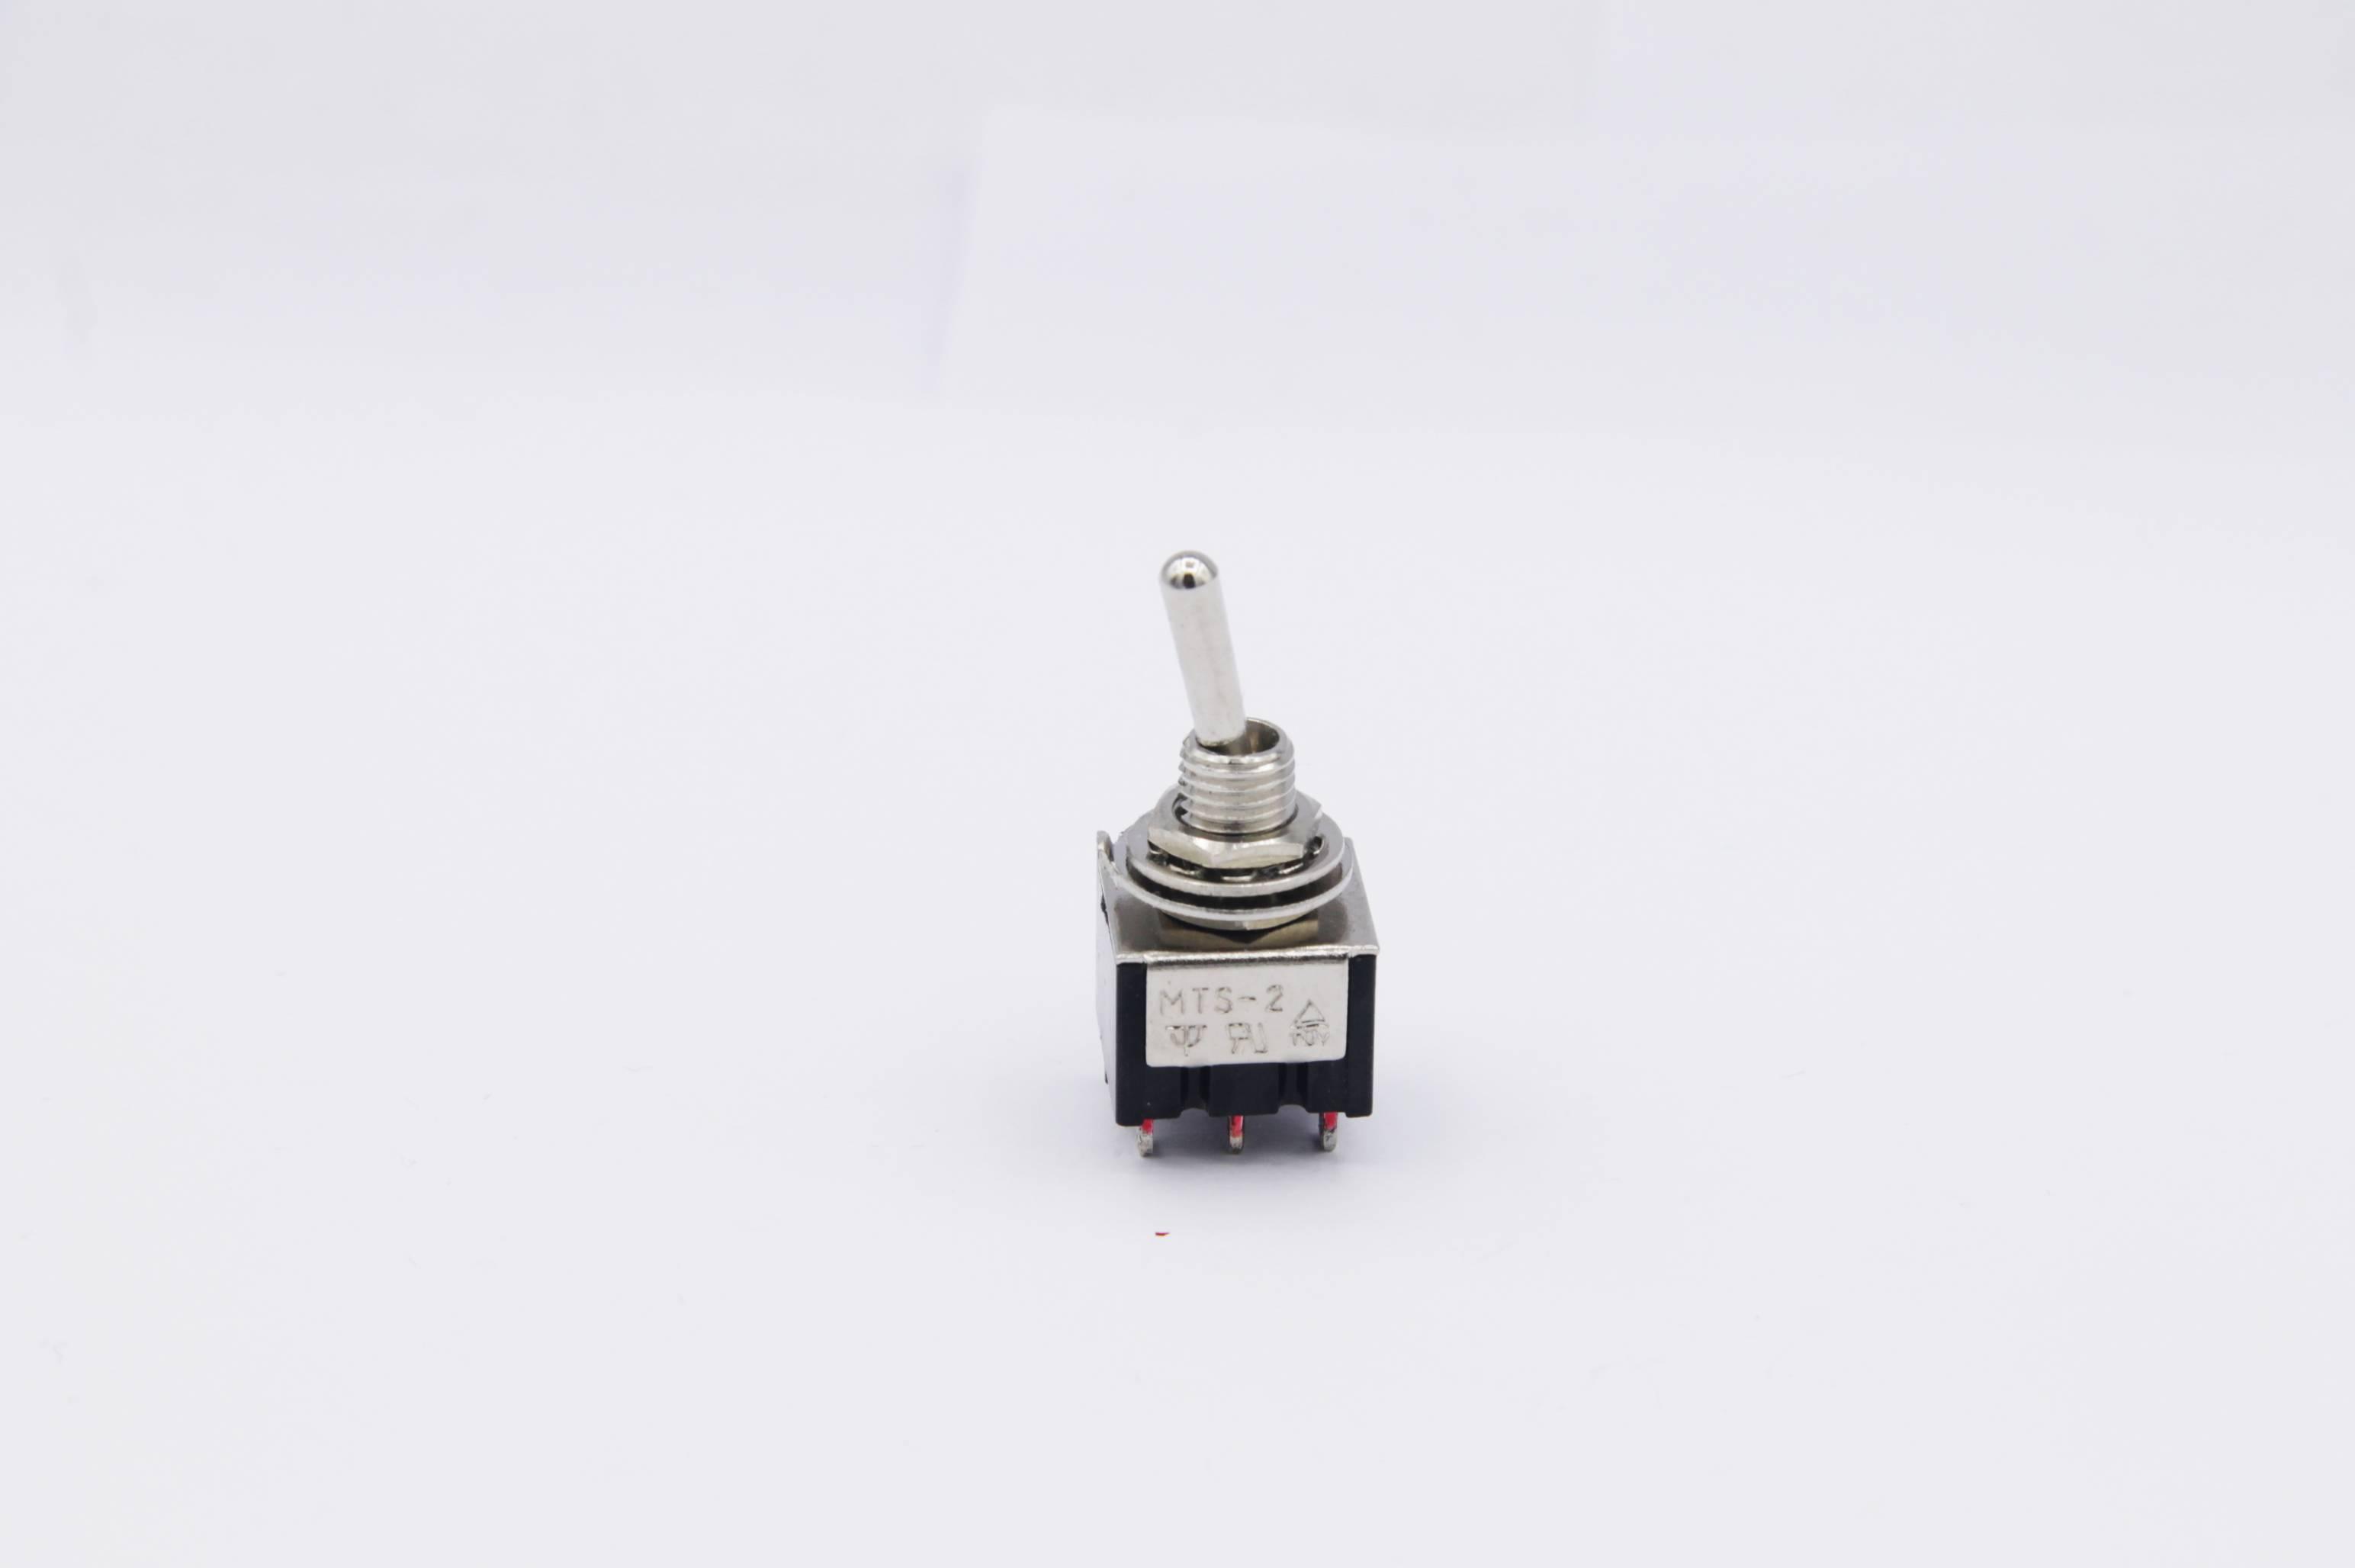 Miniatur Kipptaster 1x UM - 2 Schaltstellungen 1-polig - 3 Pins